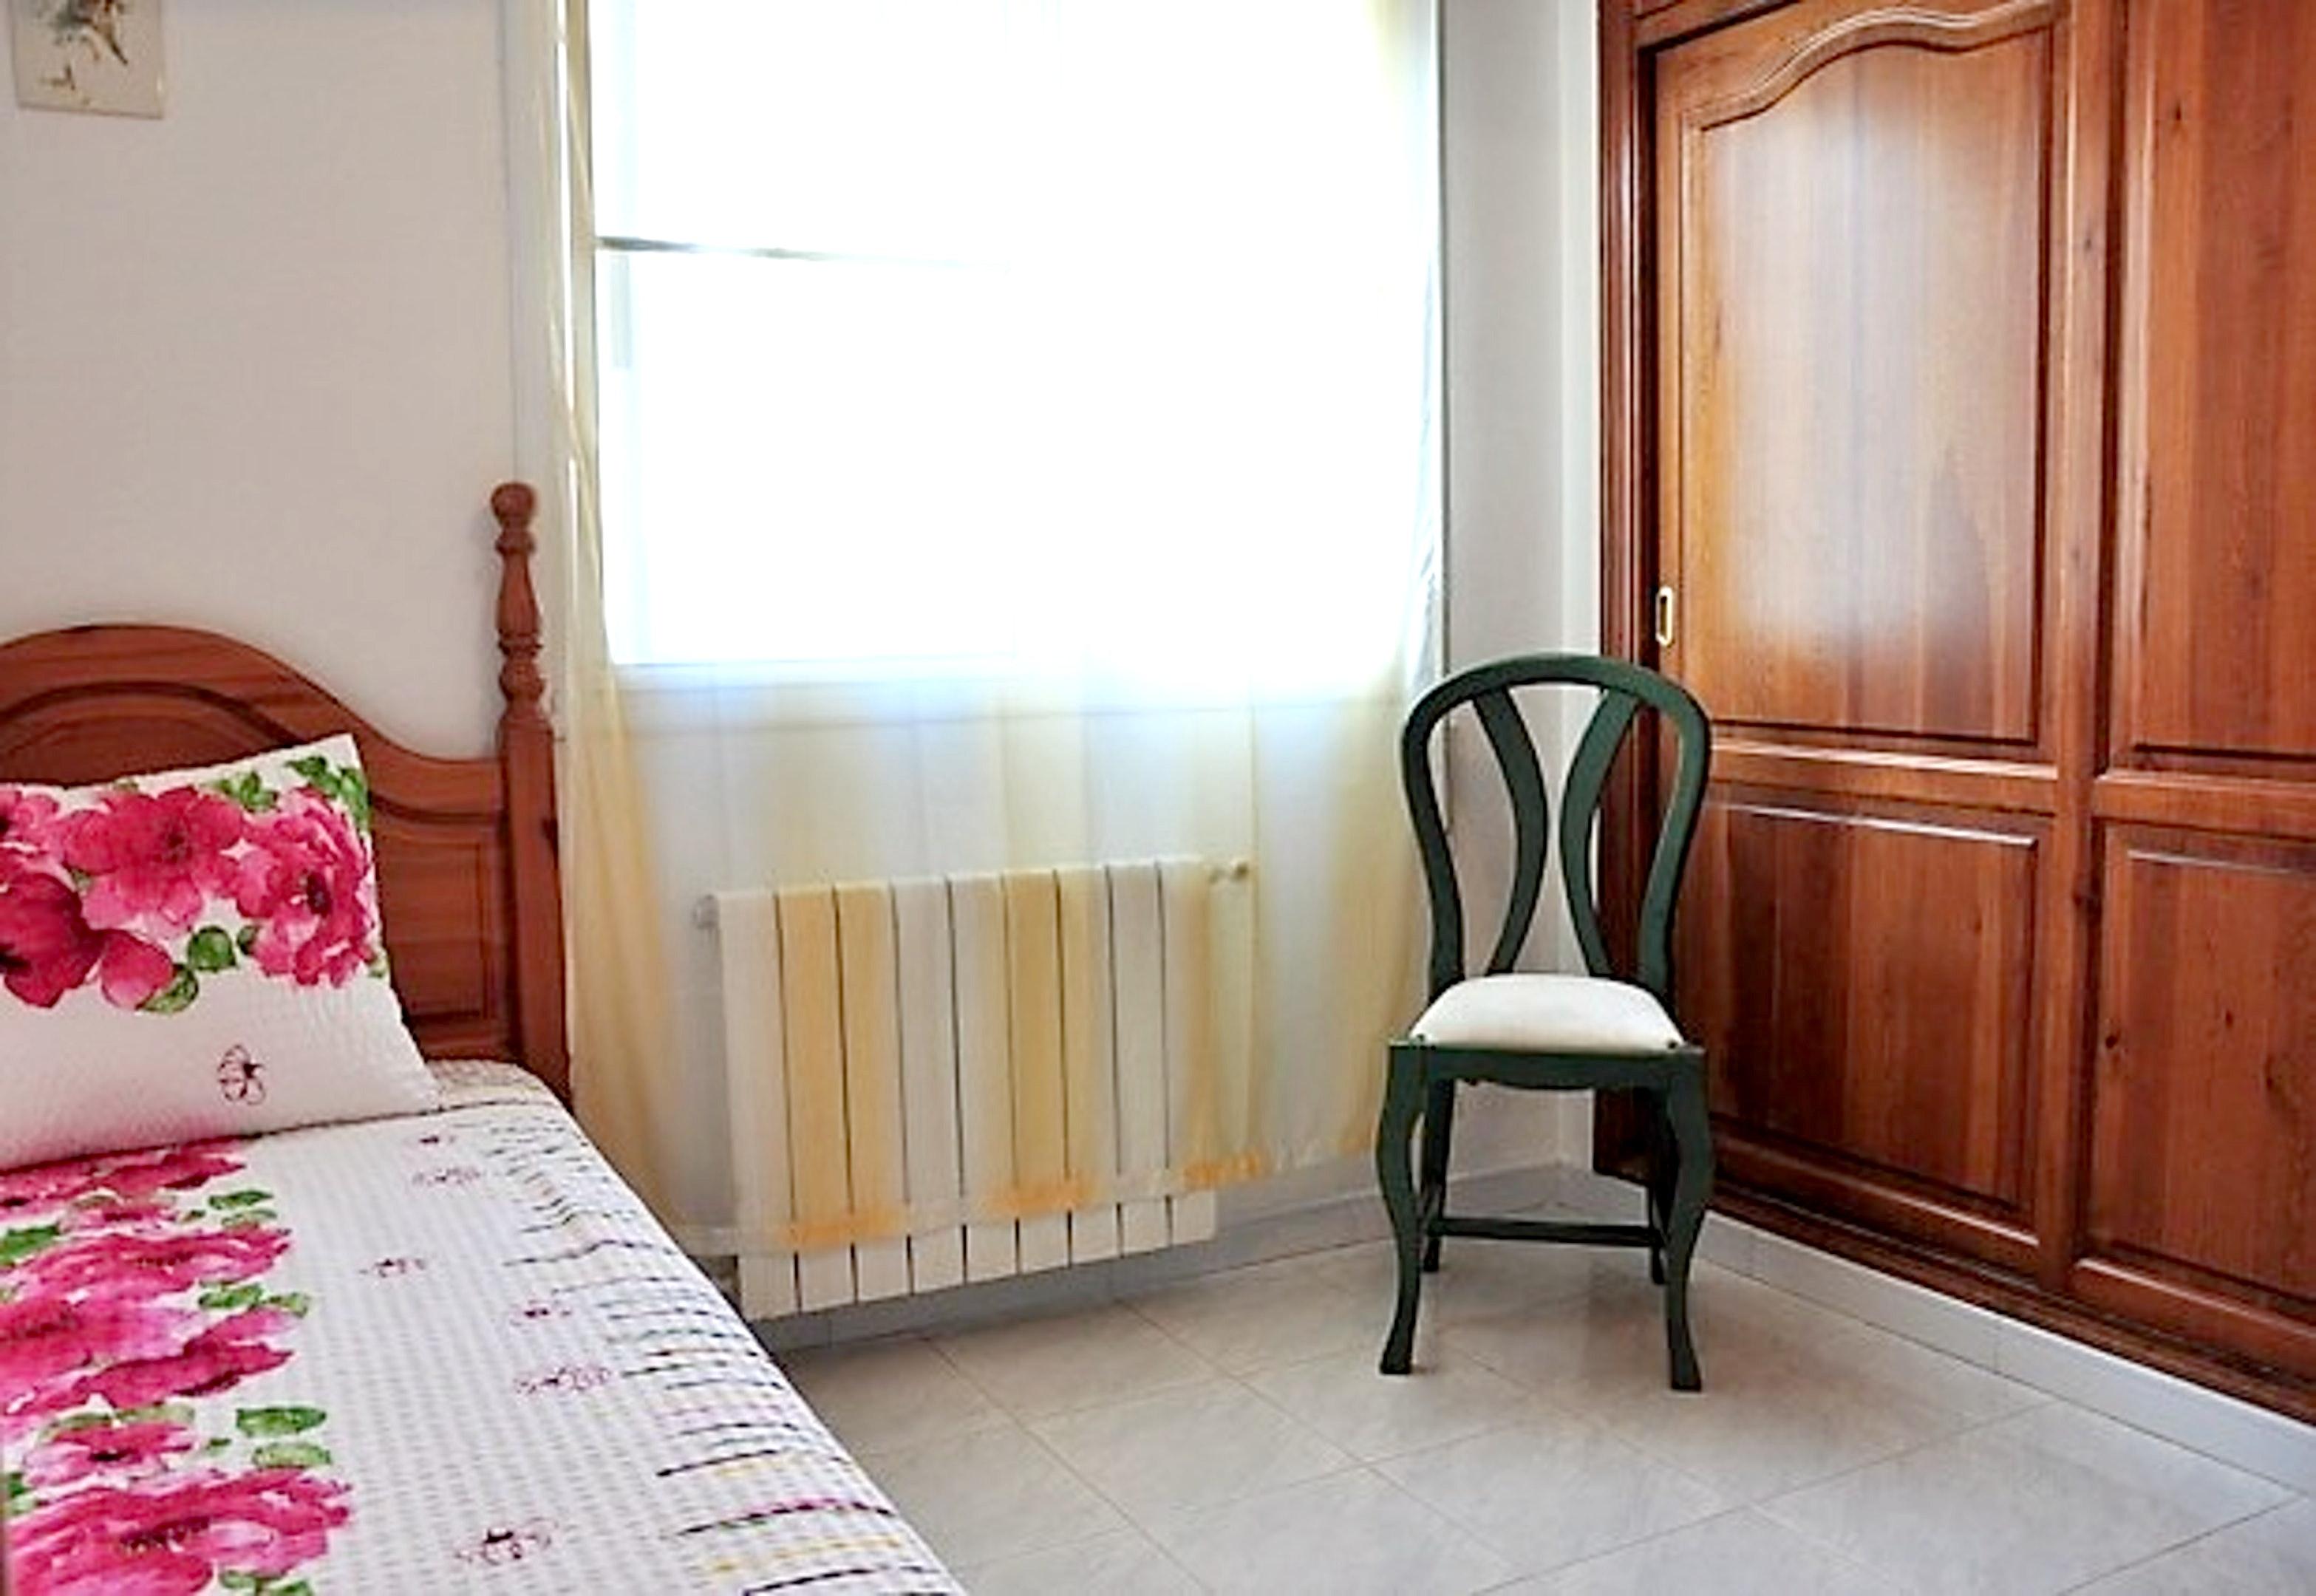 Ferienhaus Villa mit 3 Schlafzimmern in Ampolla mit herrlichem Meerblick, privatem Pool, möbliertem G (2201037), L'Ampolla, Costa Dorada, Katalonien, Spanien, Bild 20